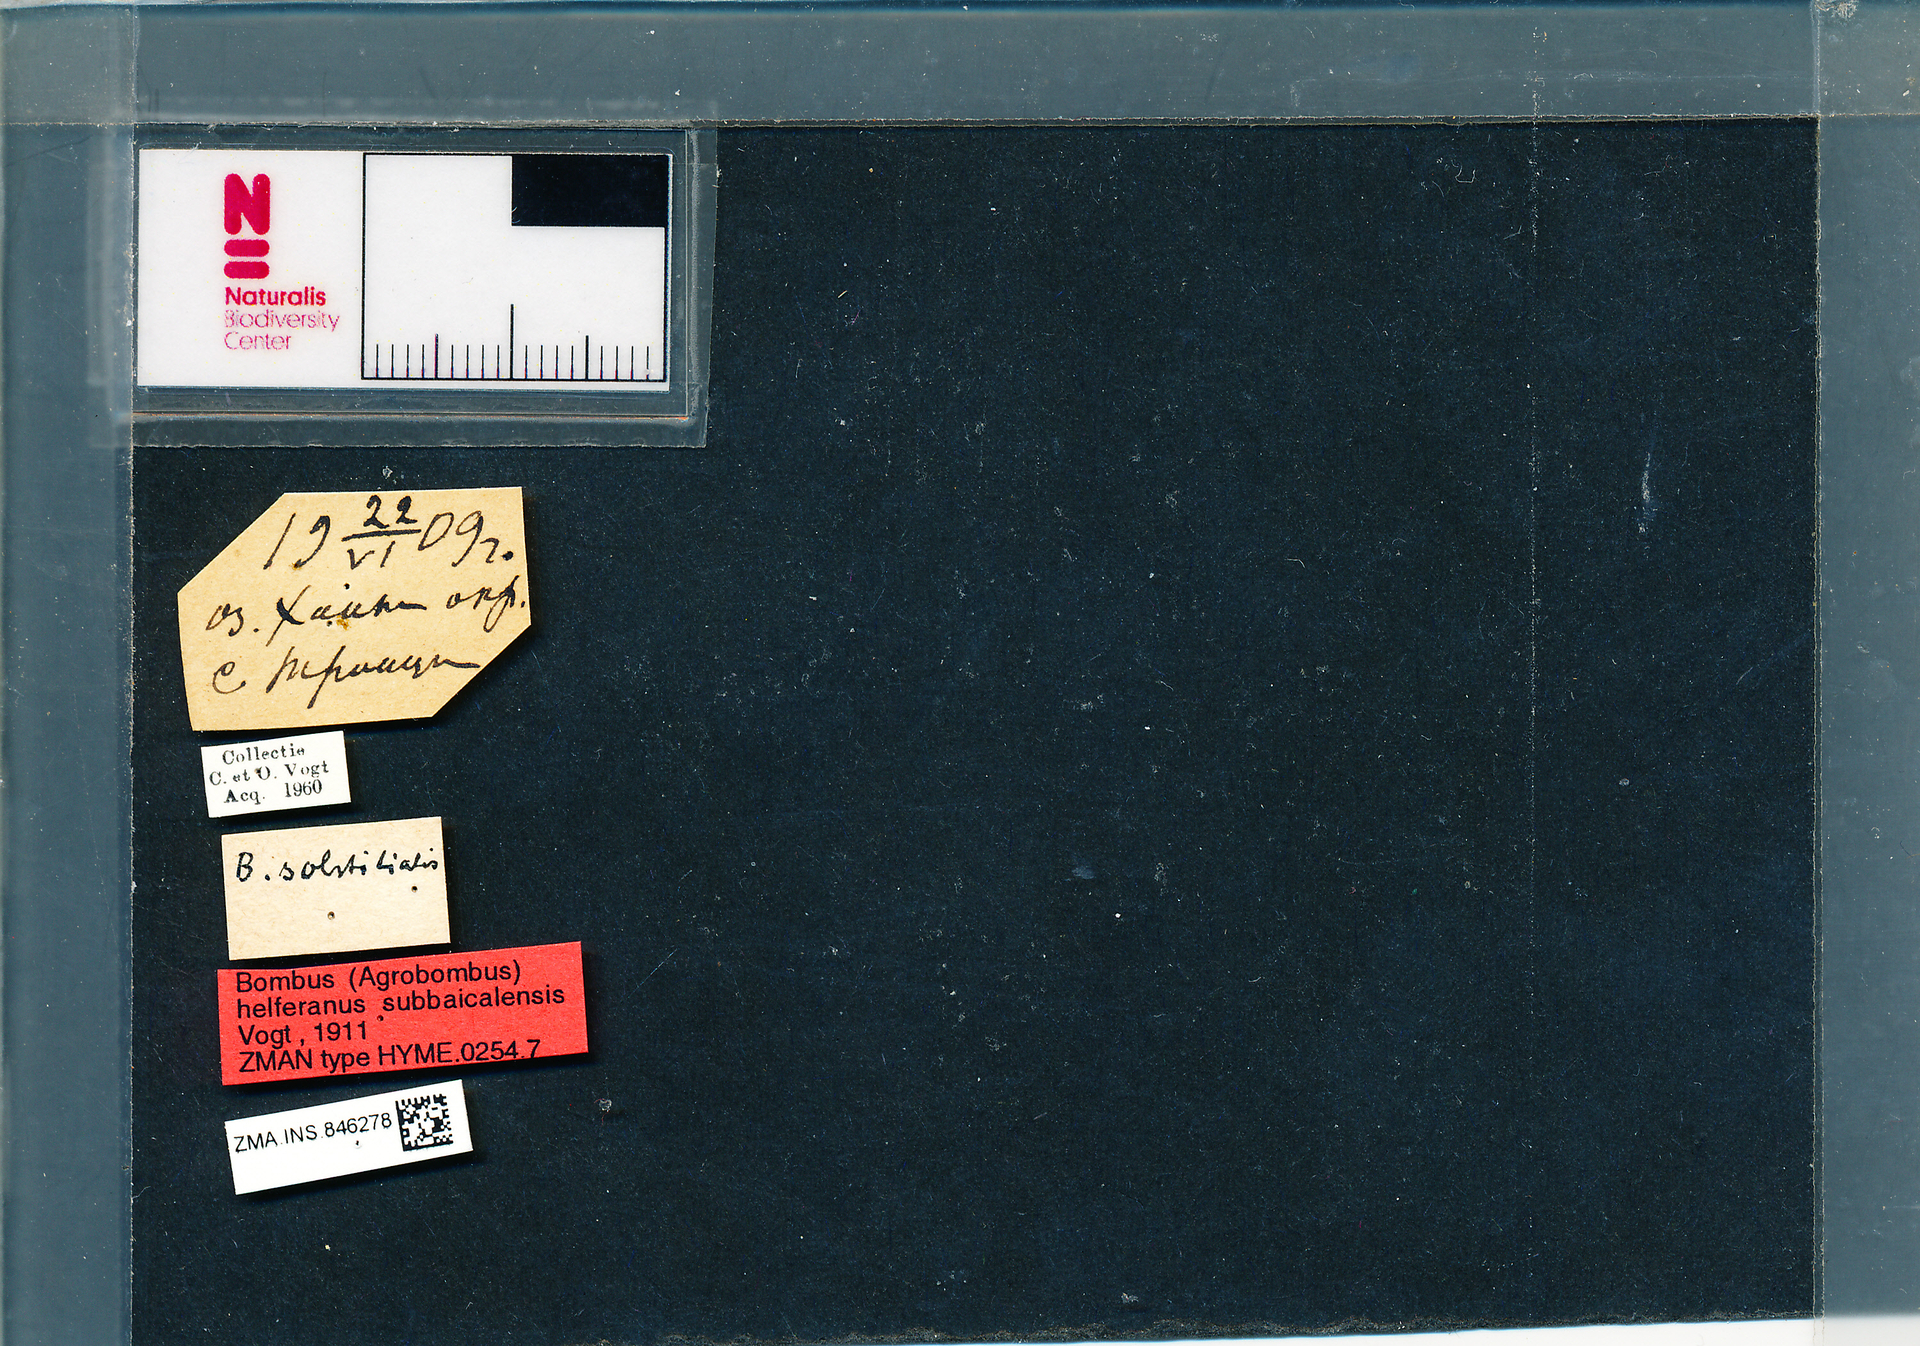 ZMA.INS.846278 | Bombus (Thoracobombus) humilis subbaicalensis Vogt, 1911